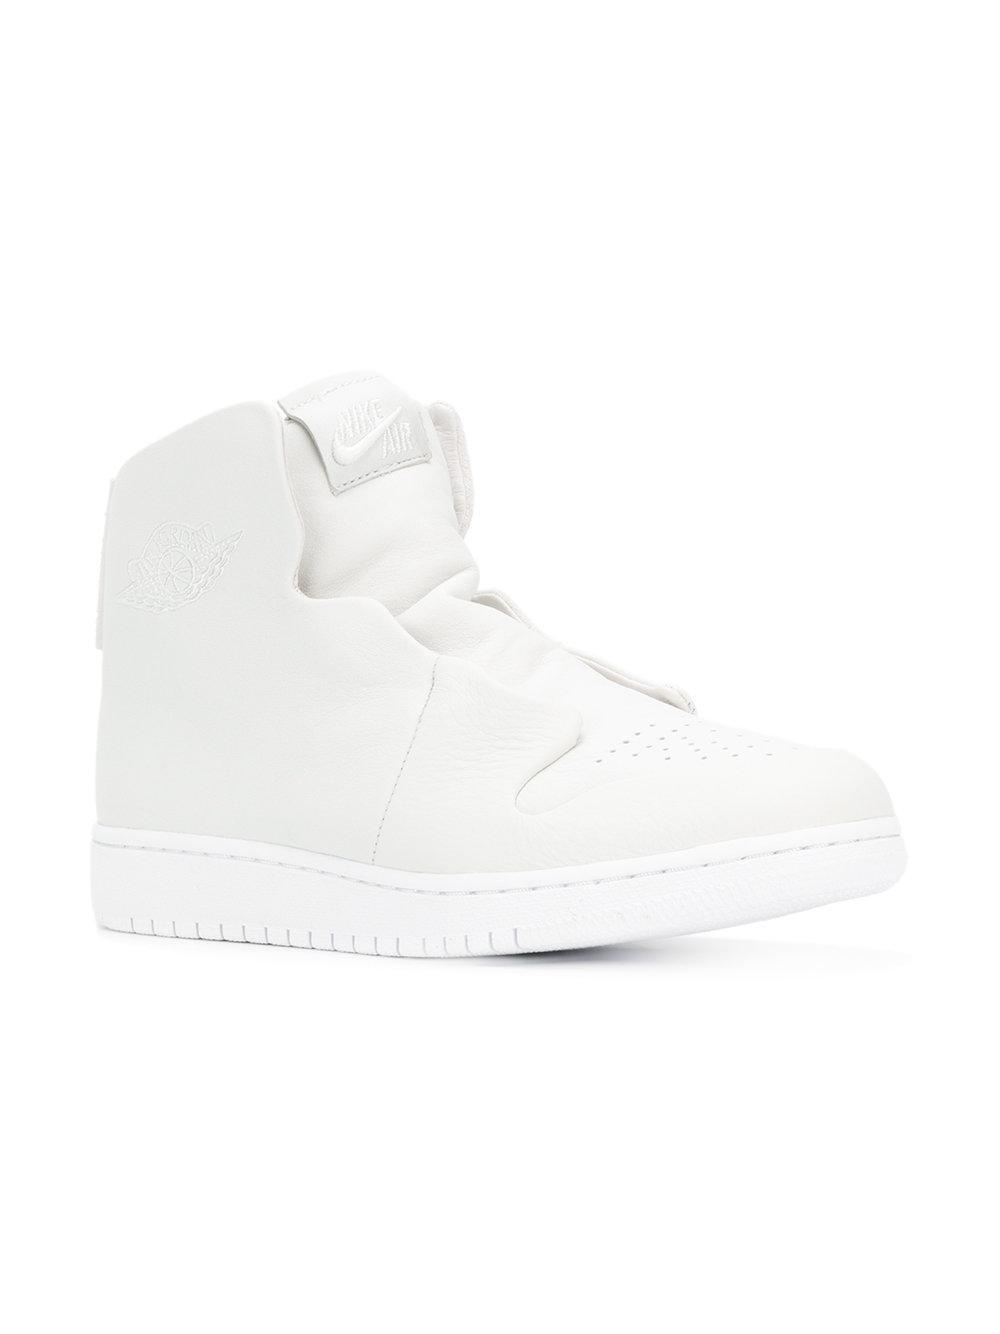 af532c8243d Lyst - Nike Jordan Aj1 Sage Xx Reimagined Sneakers in White